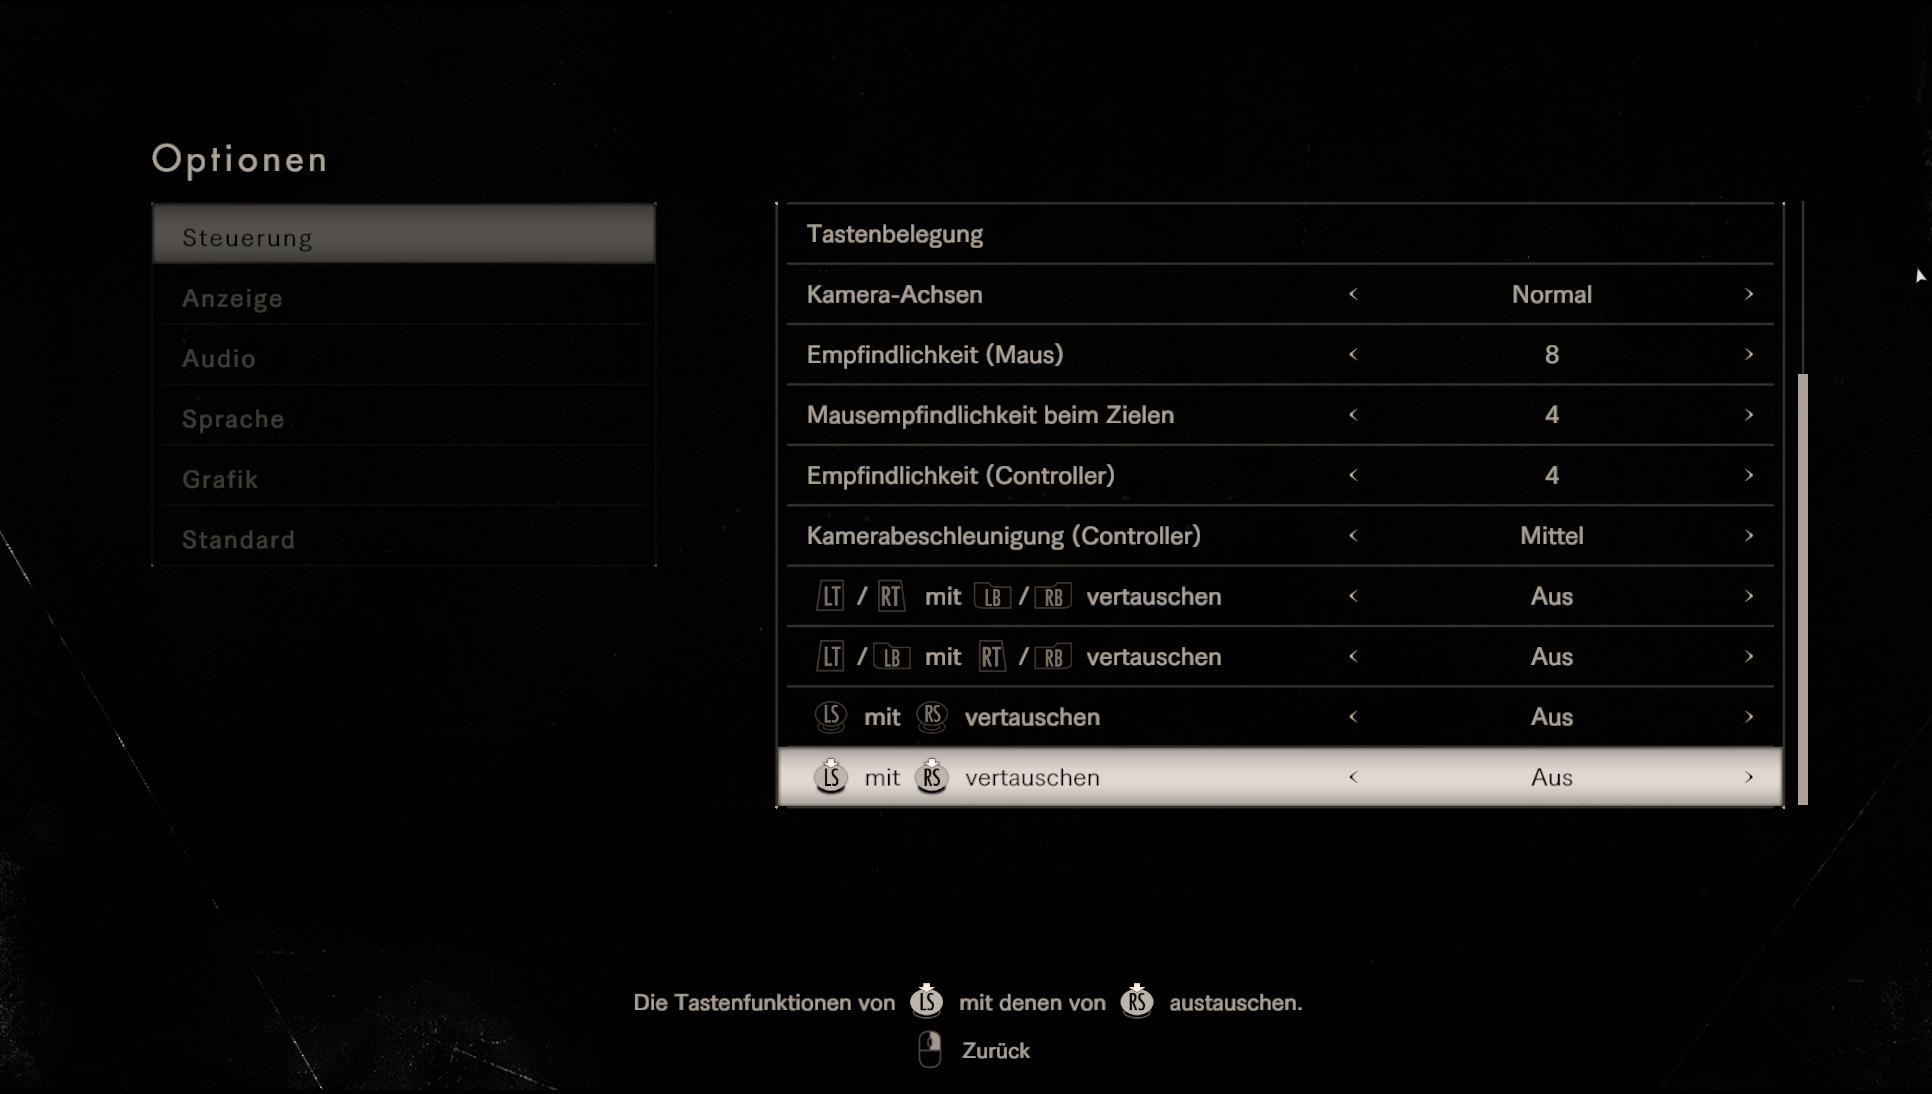 Resident Evil 7: Technik-Test mit Benchmarks von 22